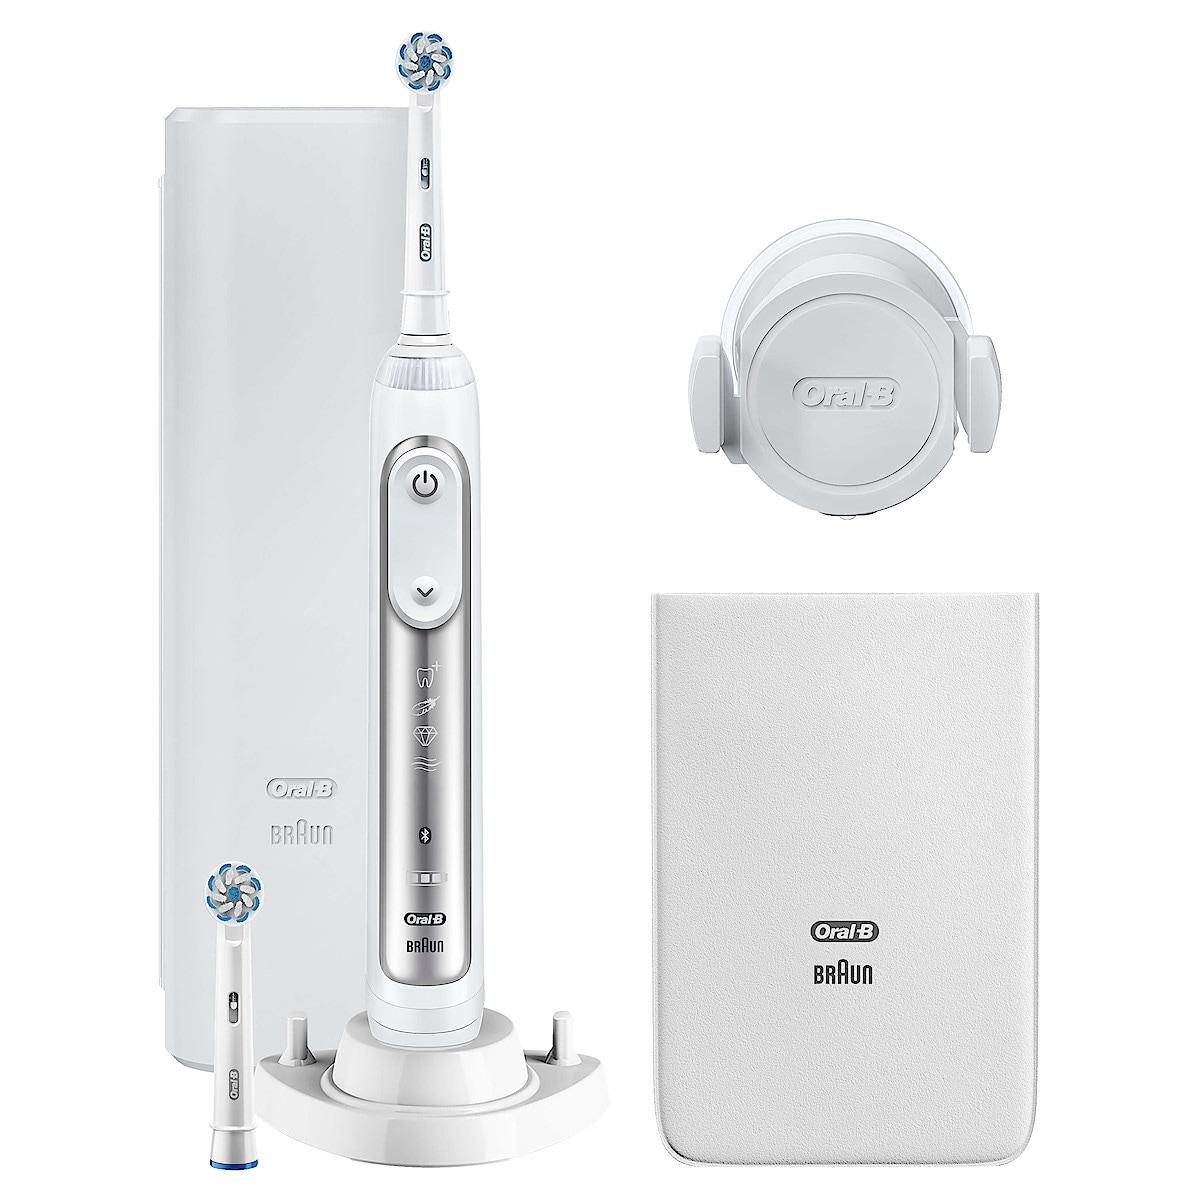 Oral-B Genius 8600 Silver, eltannbørste